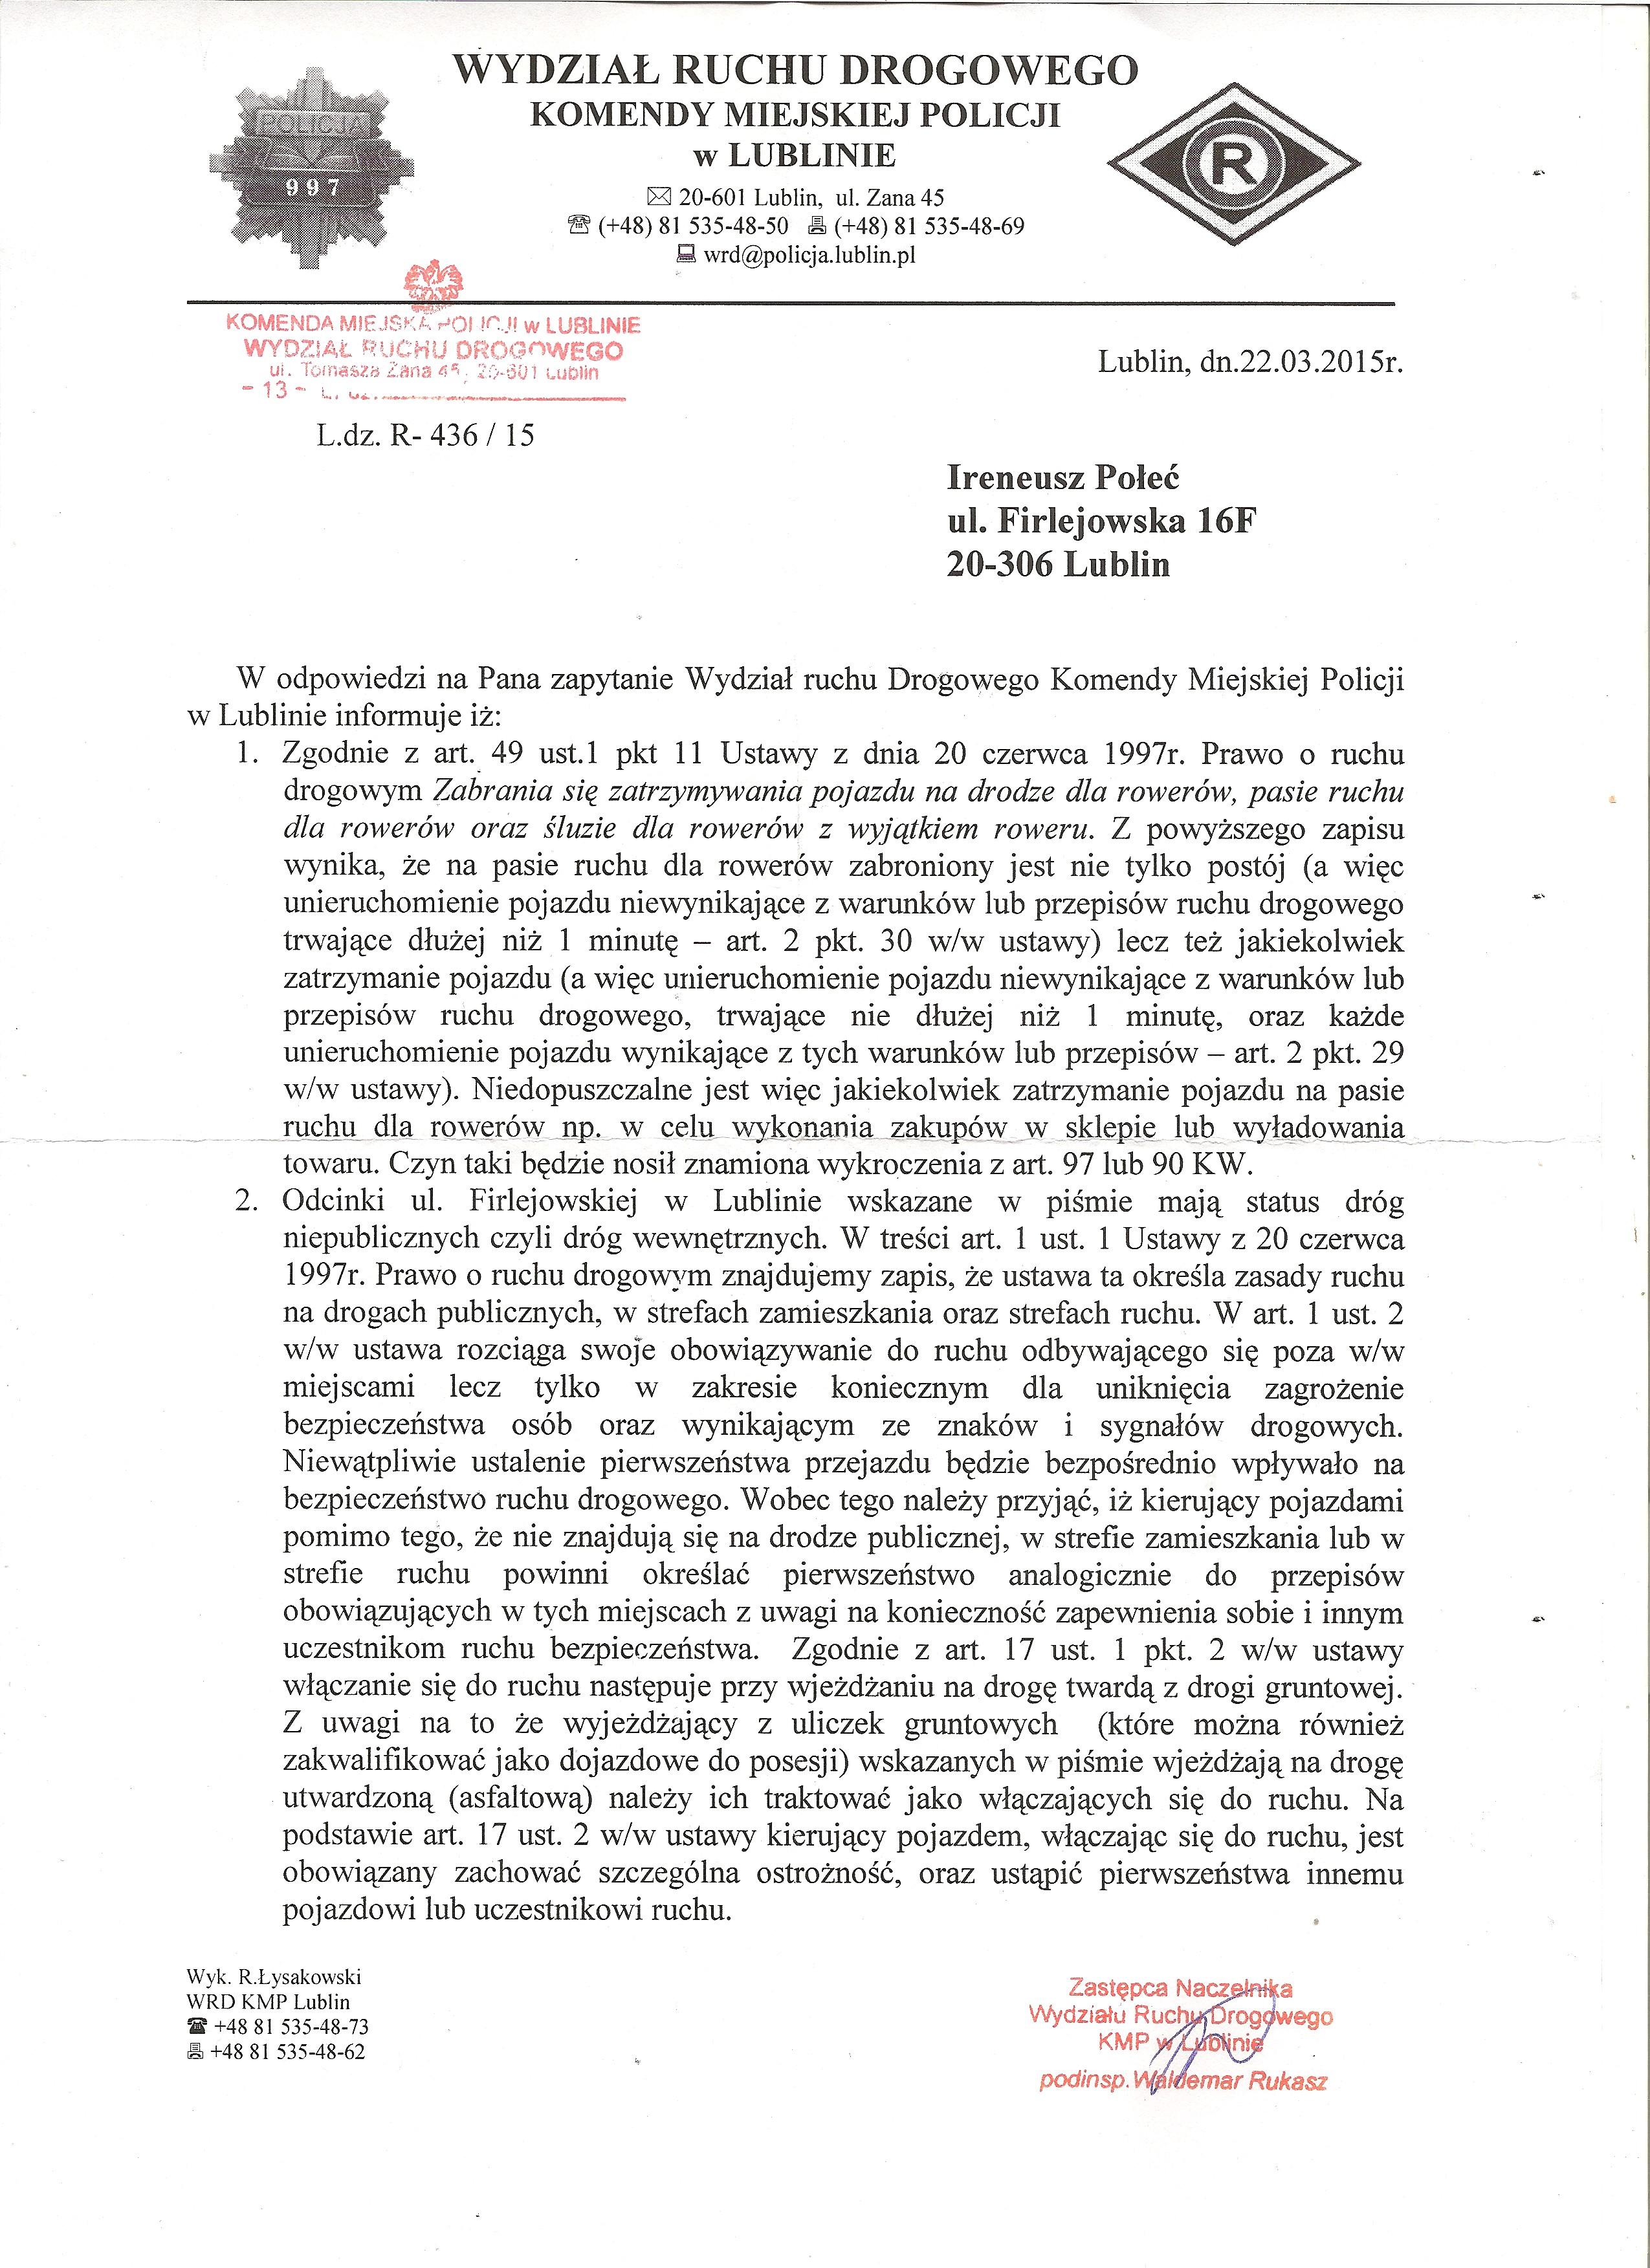 komenda_miejska_policji_ul_firlejowska_wyjazdy_odpowiedz.jpg